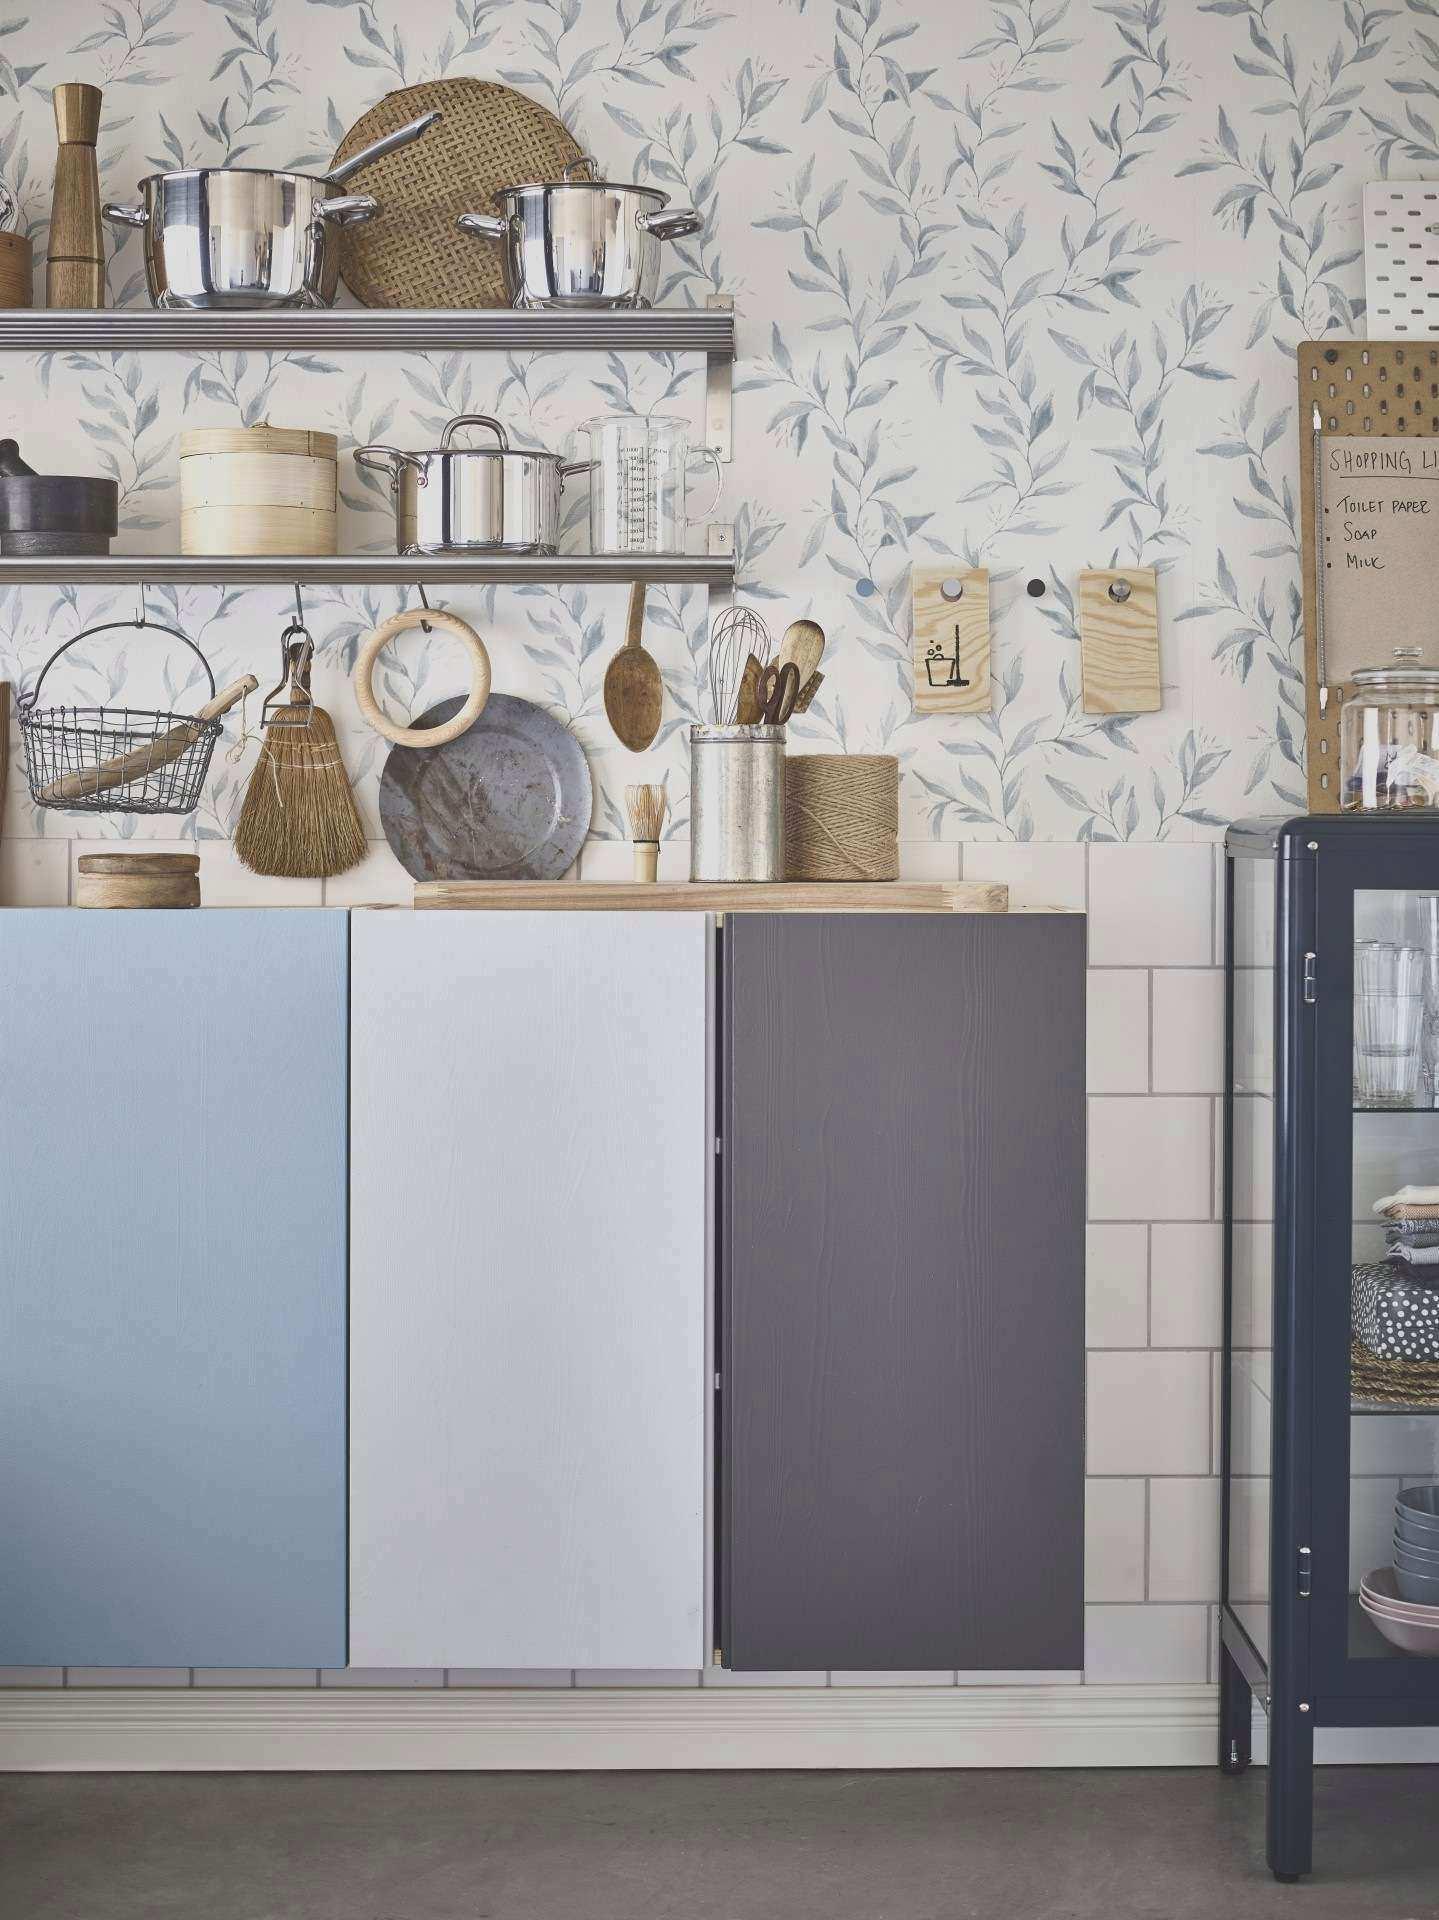 Full Size of Ikea Kche 100 Euro 22 Schnes Konzept Wei Holz Küche Kosten Chesterfield Sofa Gebraucht Gebrauchte Regale Einbauküche Fenster Kaufen Modulküche Betten Wohnzimmer Schrankküche Ikea Gebraucht